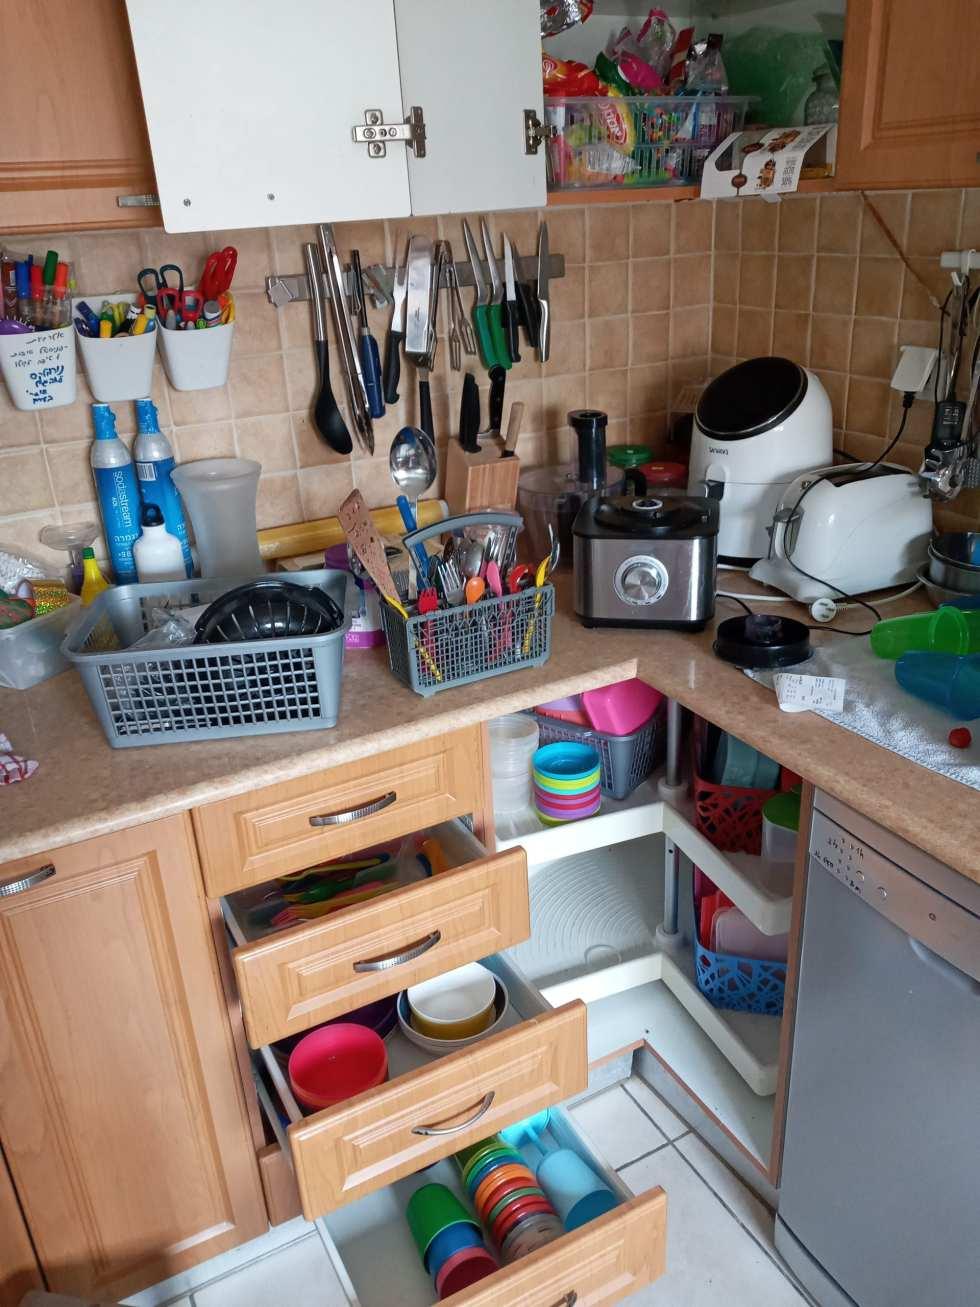 הנגשת הבית לילדים עם צרכים מיוחדים כולל סידור המטבח כדי שנוכל ללמד אותם להתנהל בעצמאות